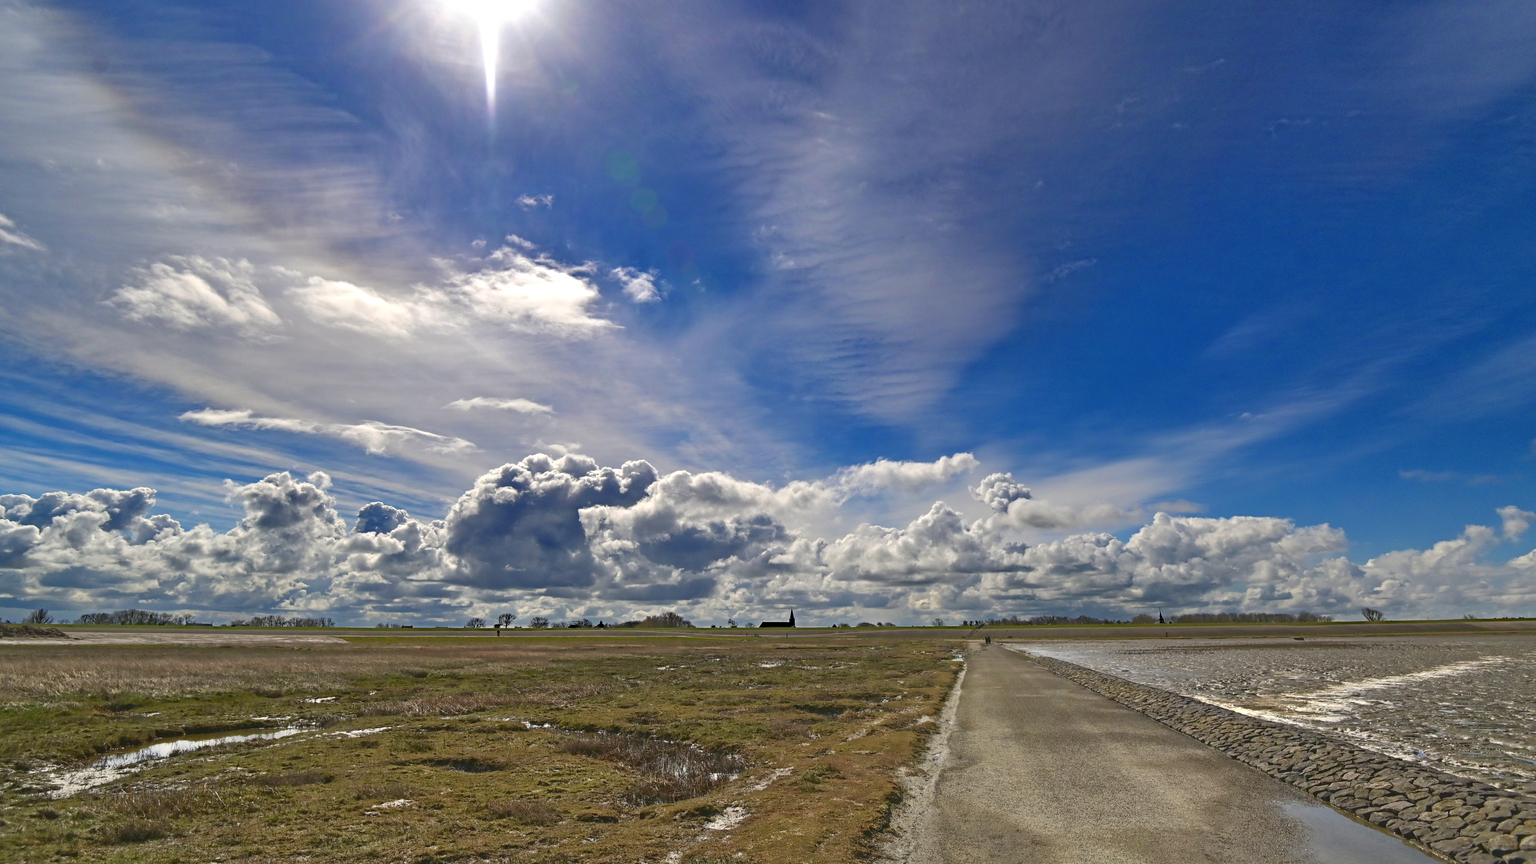 Fraaie lente dag - in noord Fryslân . De foto is genomen vanaf de kwelders  richting  de beide dorpen Peassens en Moddergat. - foto door Aiso op 15-04-2021 - locatie: 9136 DJ Moddergat, Nederland - deze foto bevat: wolk, lucht, atmosfeer, dag, azuur, natuurlijk landschap, zonlicht, lichaam van water, asfalt, fabriek